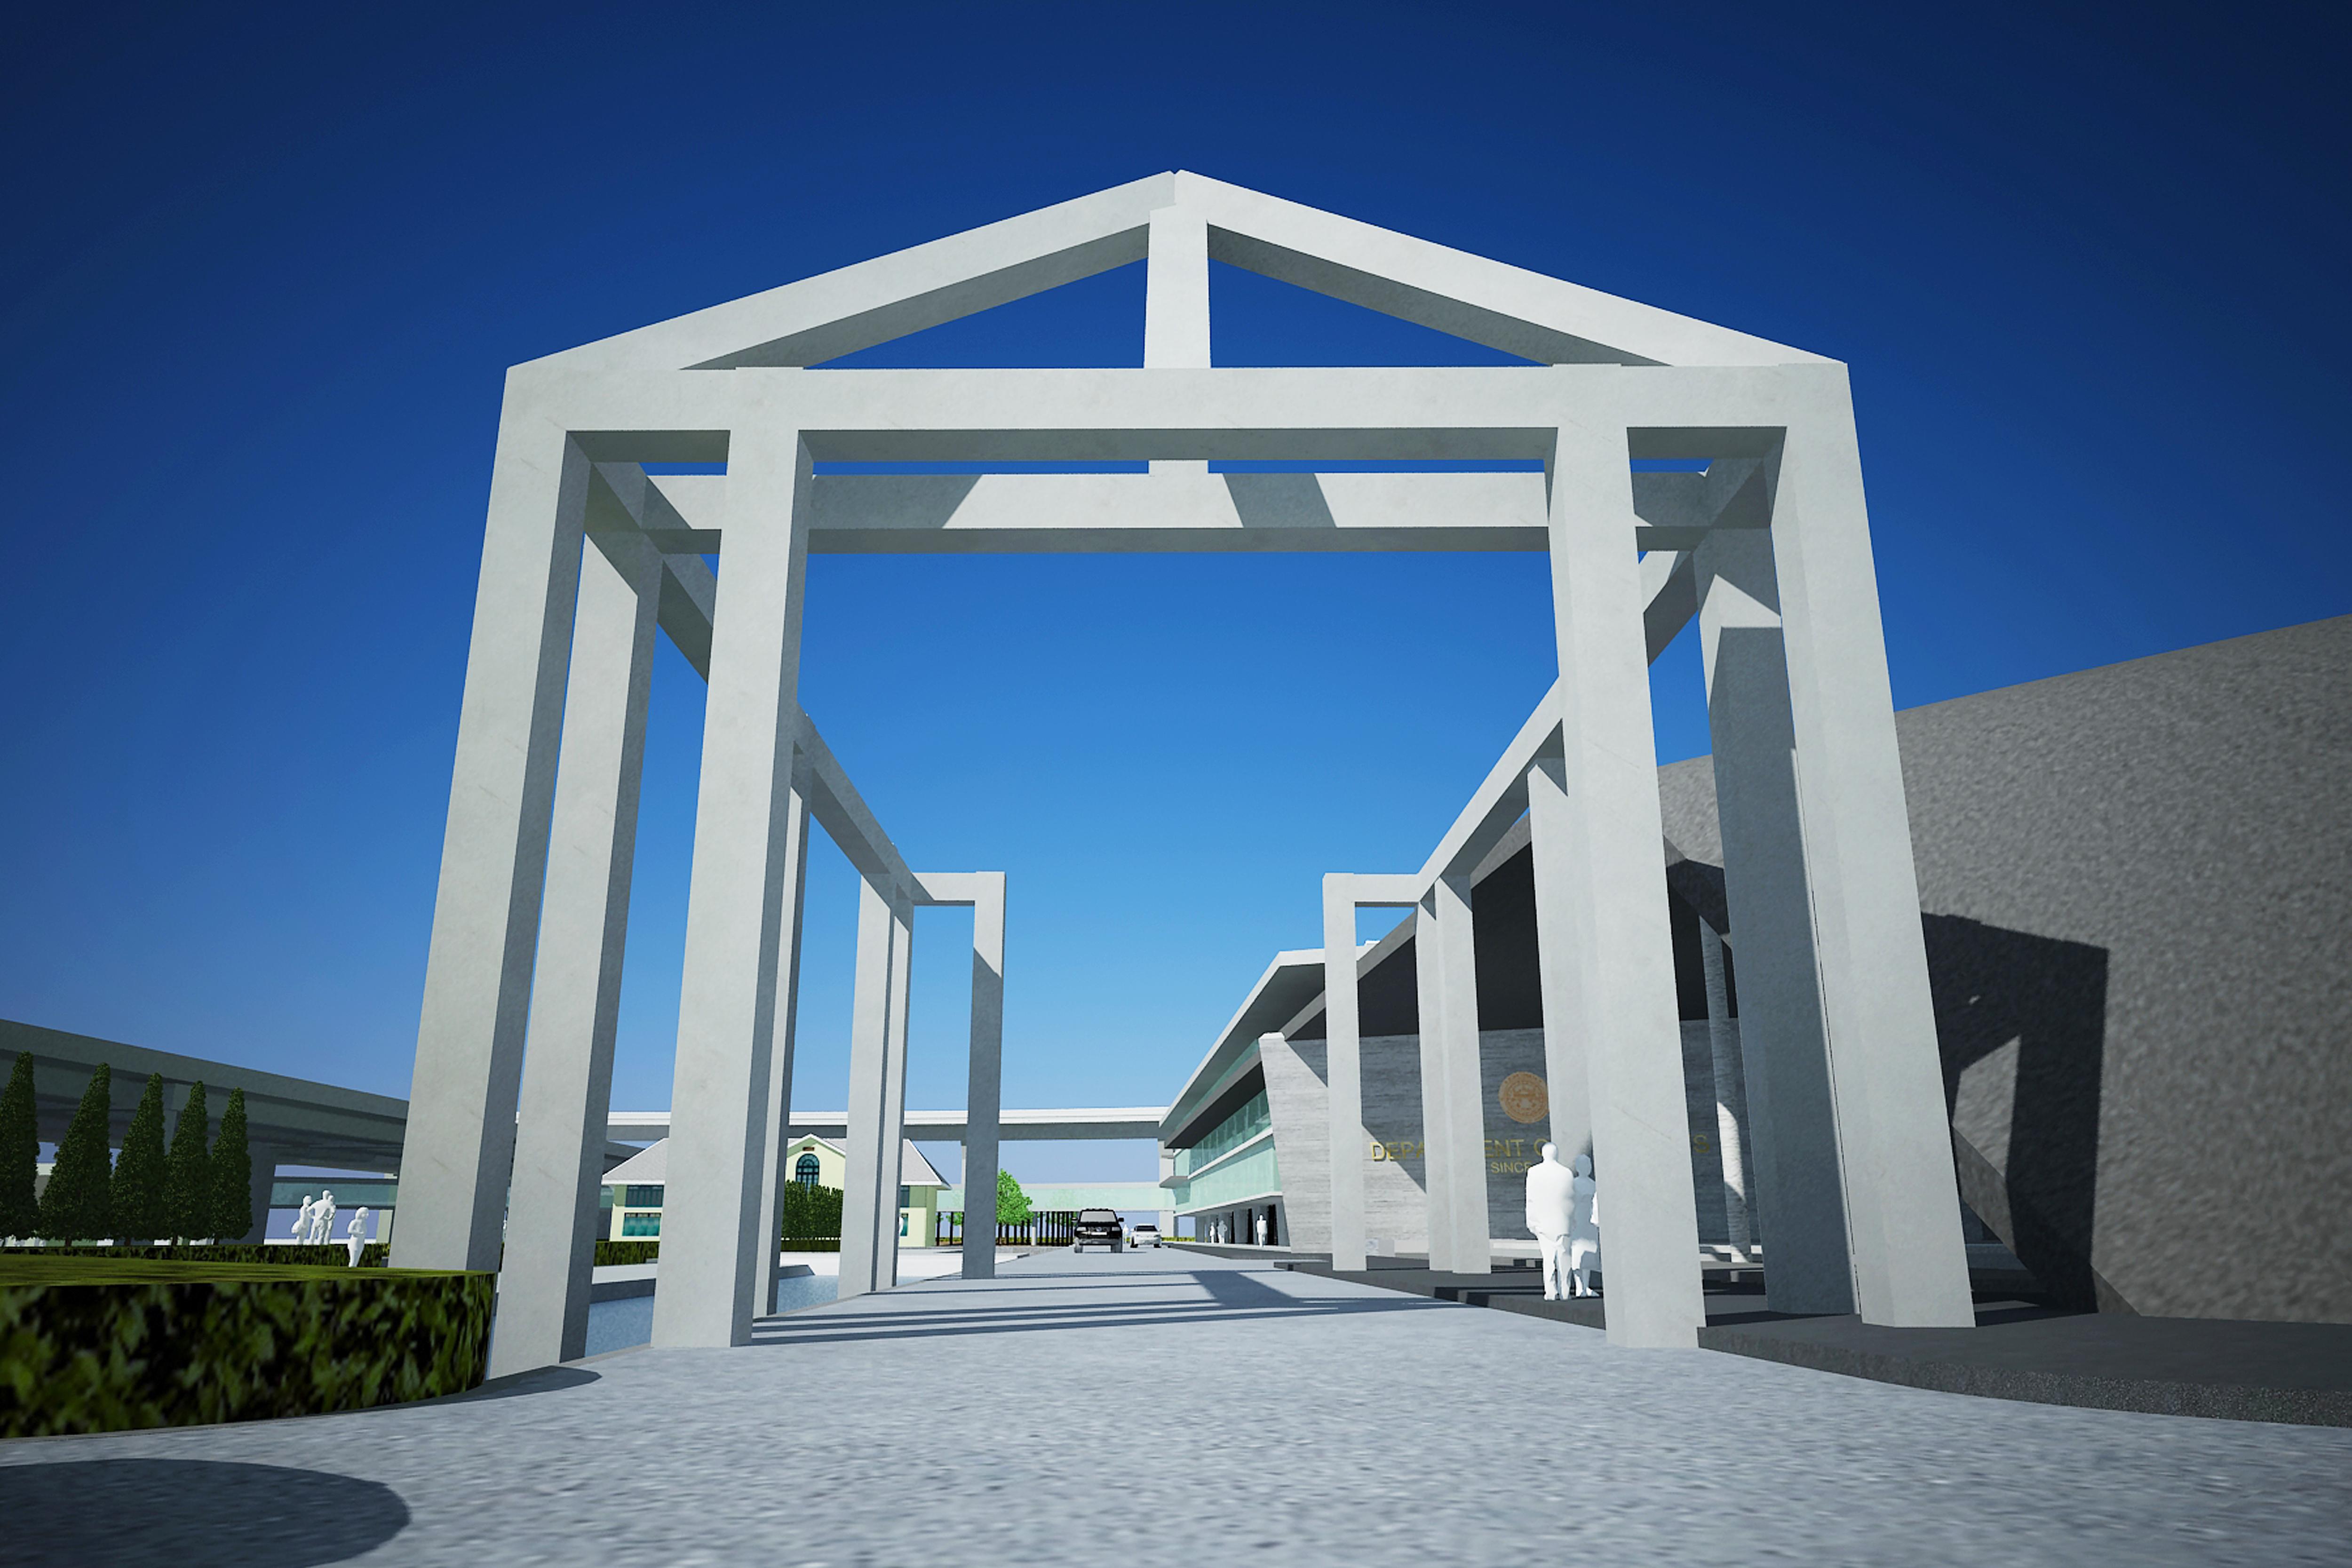 Big sculpture